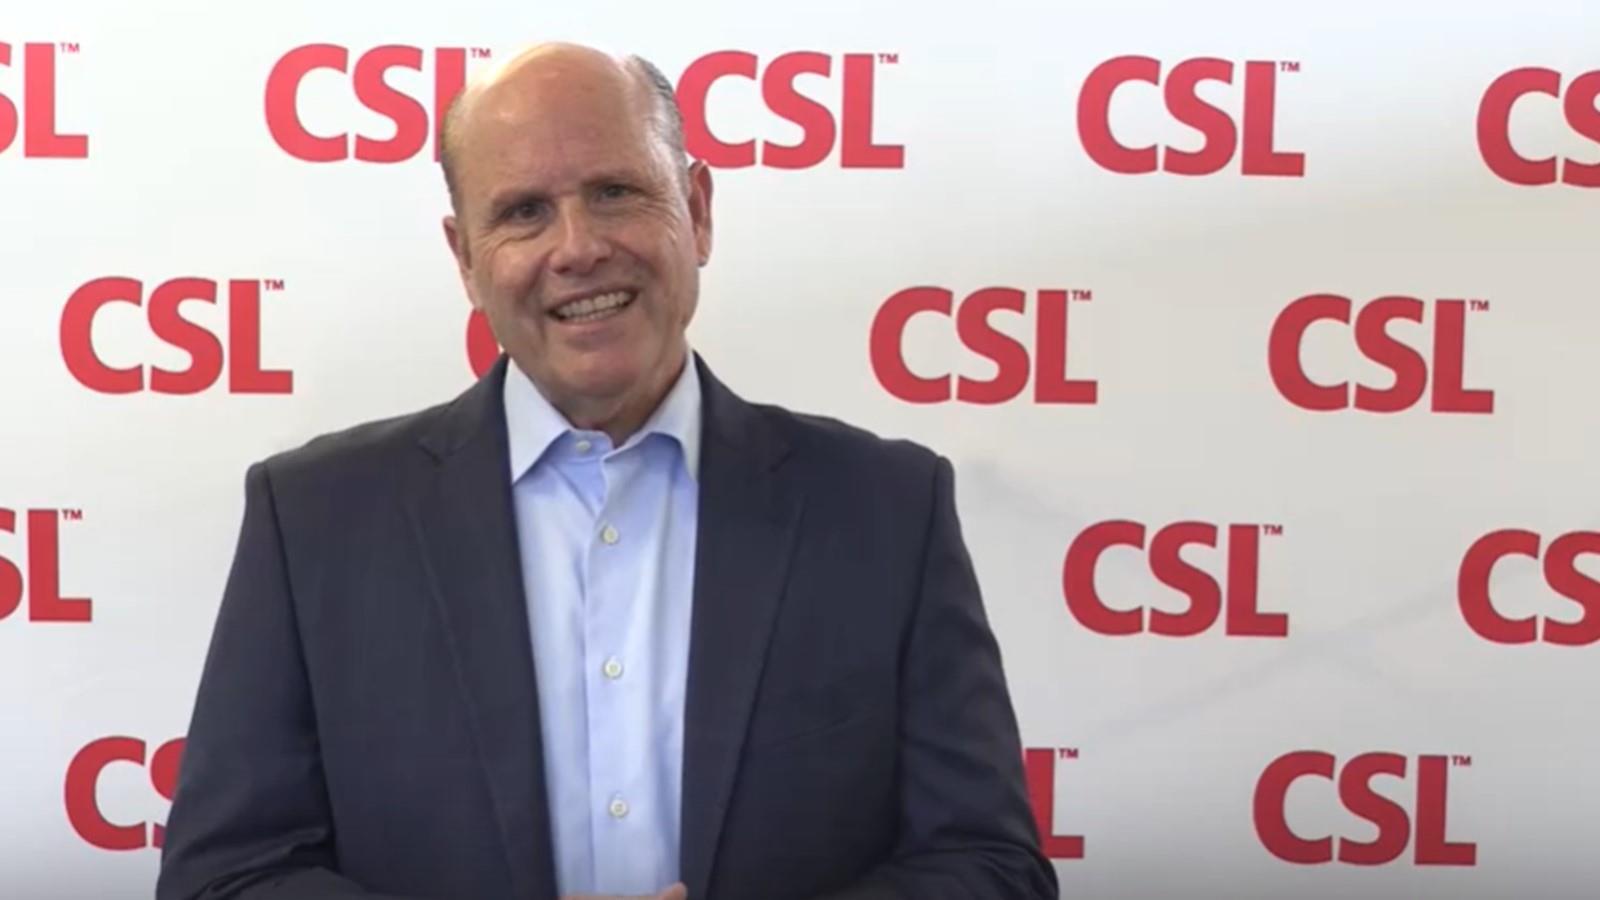 CSL-CEO Paul Perreault zum Tag der seltenen Krankheiten